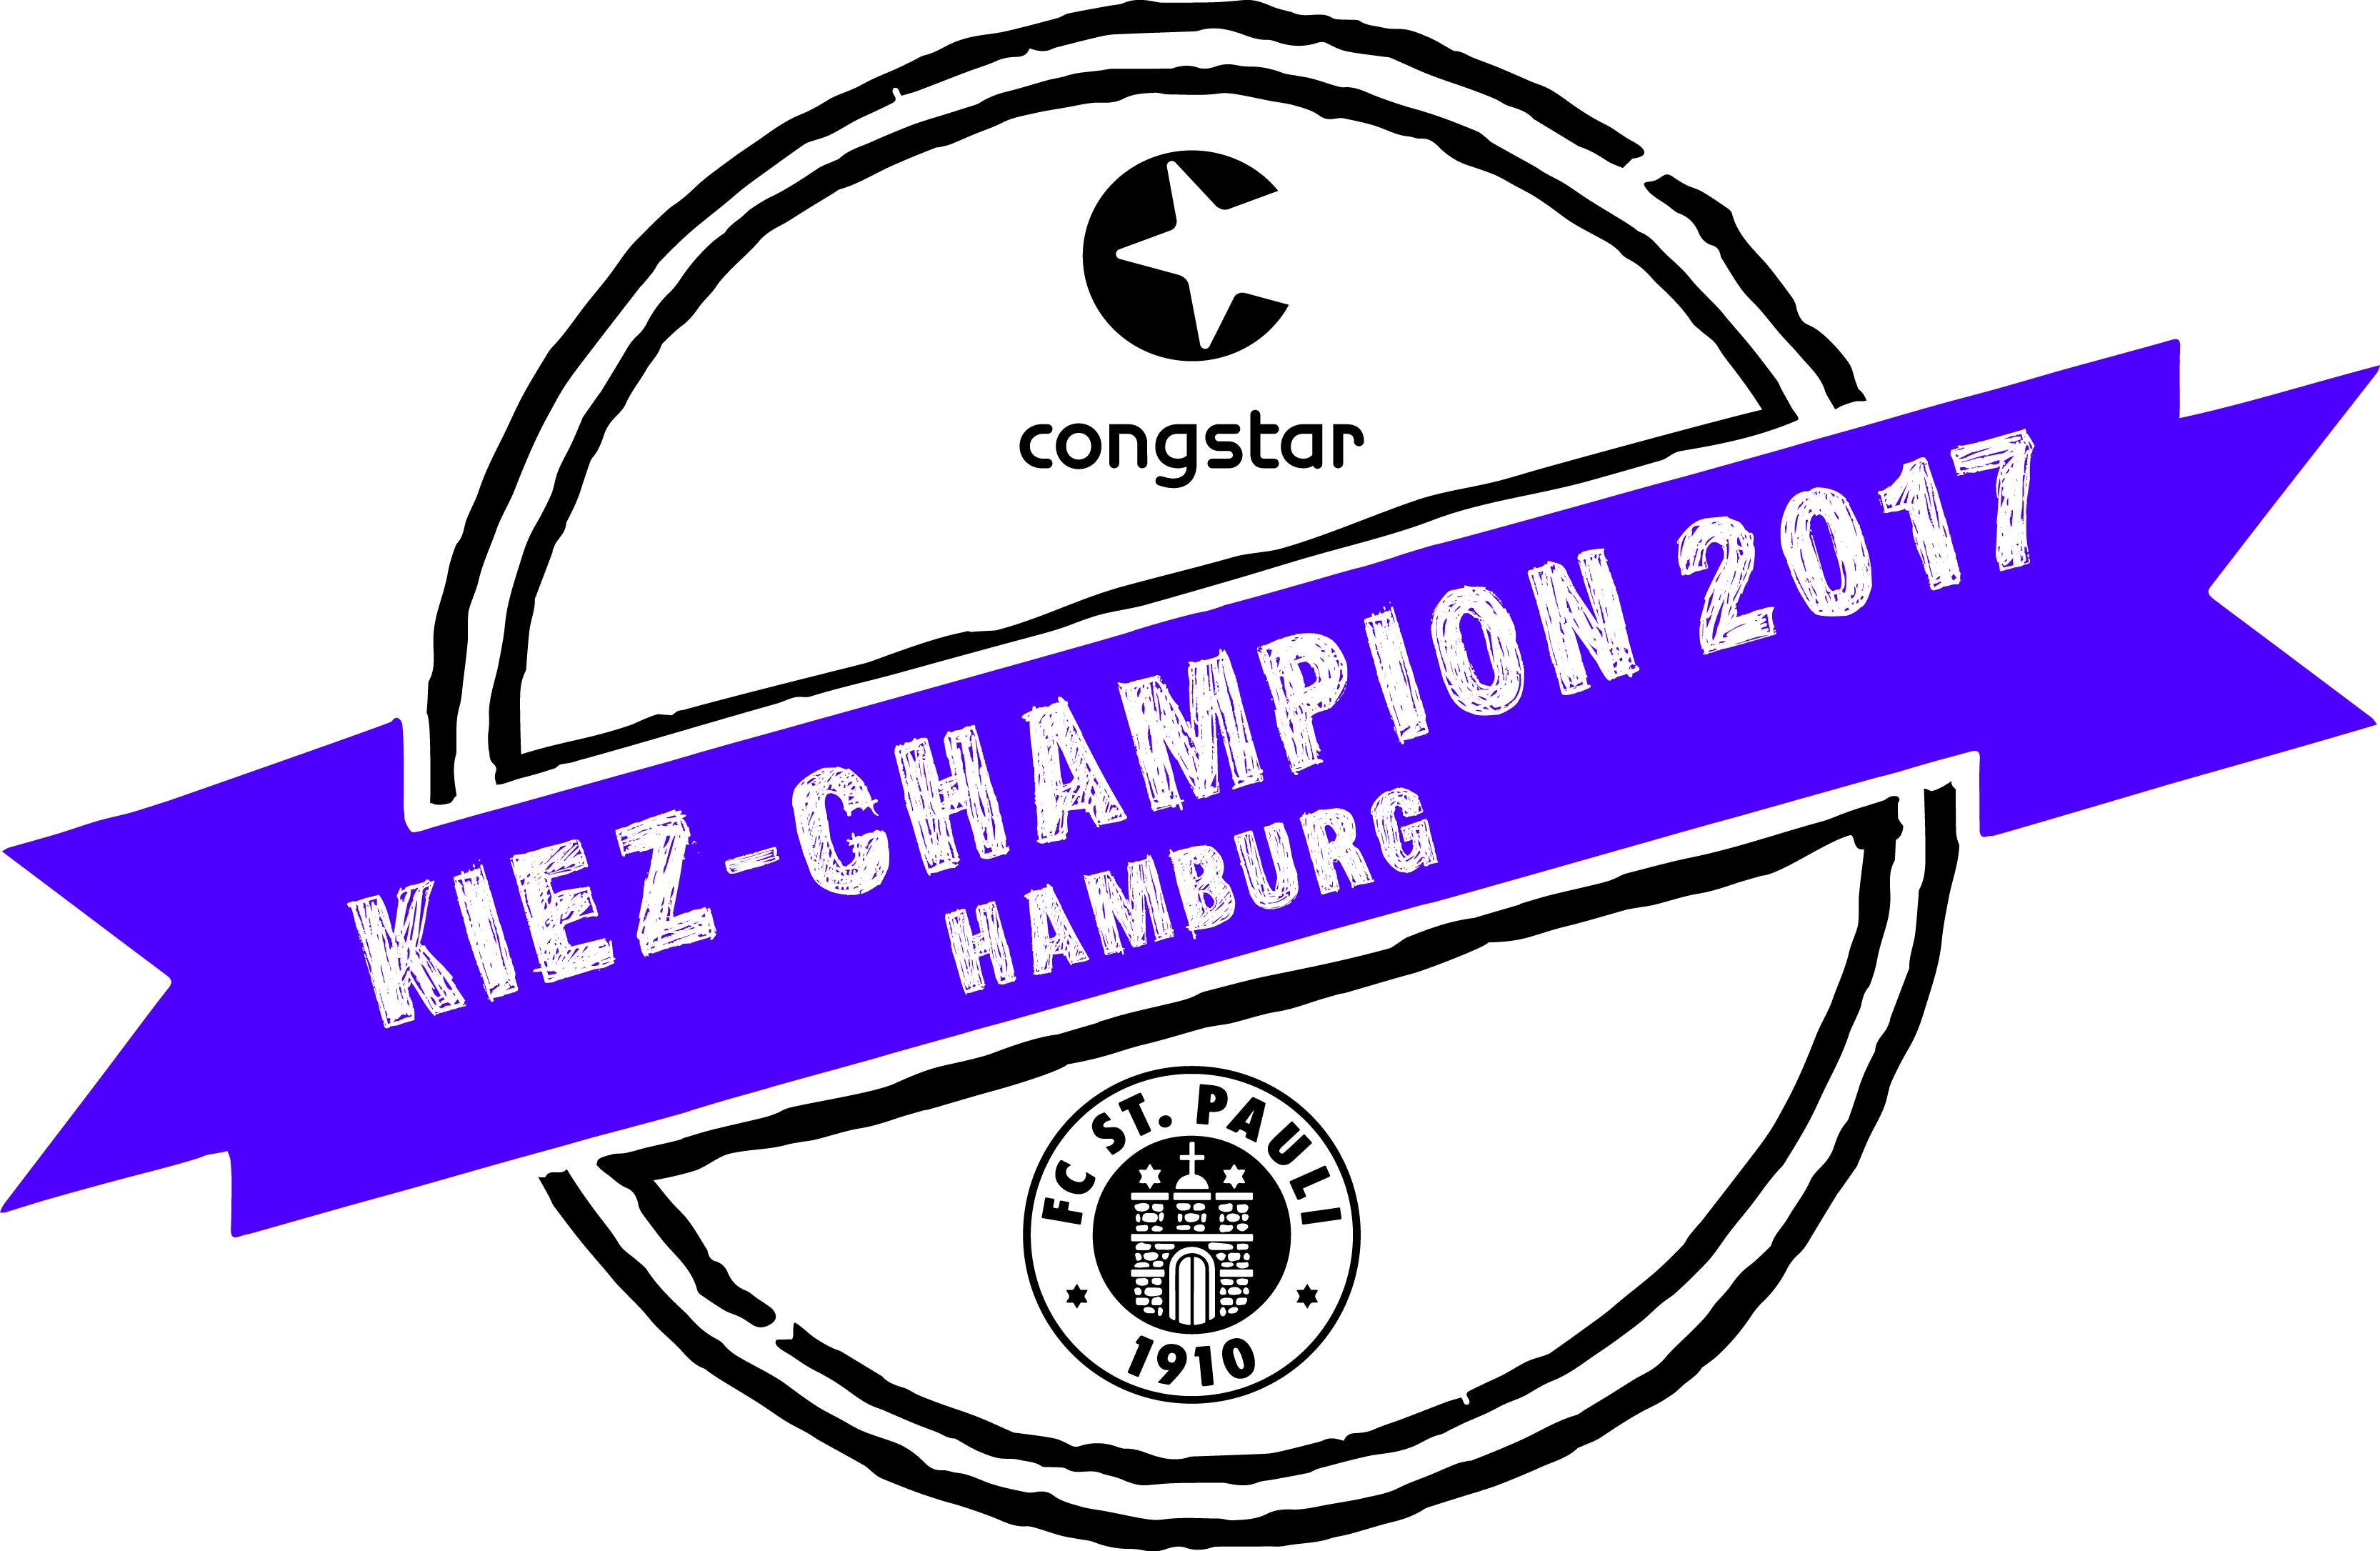 KIEZ-CHAMPION: Spektakuläre Straßenfußball-Action beim Qualifikationsturnier am Hamburger StrandPauli